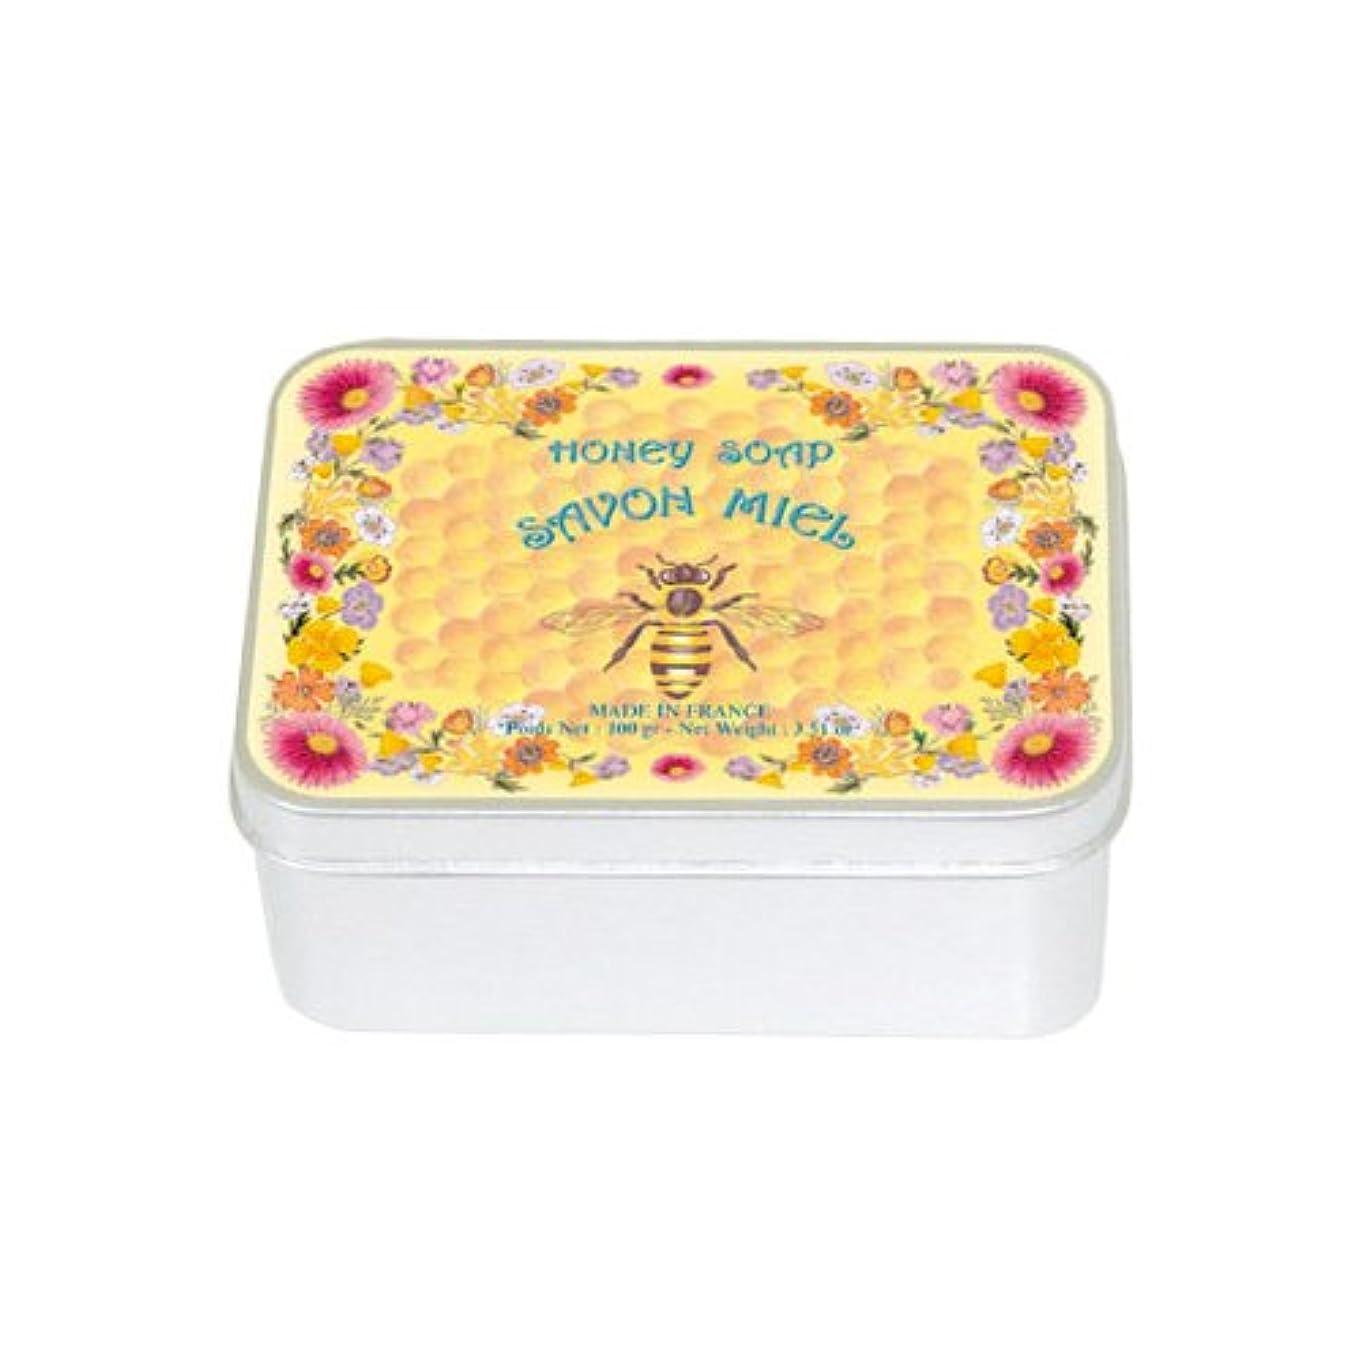 アルカトラズ島贅沢なレプリカルブランソープ メタルボックス(ハチミツの香り)石鹸